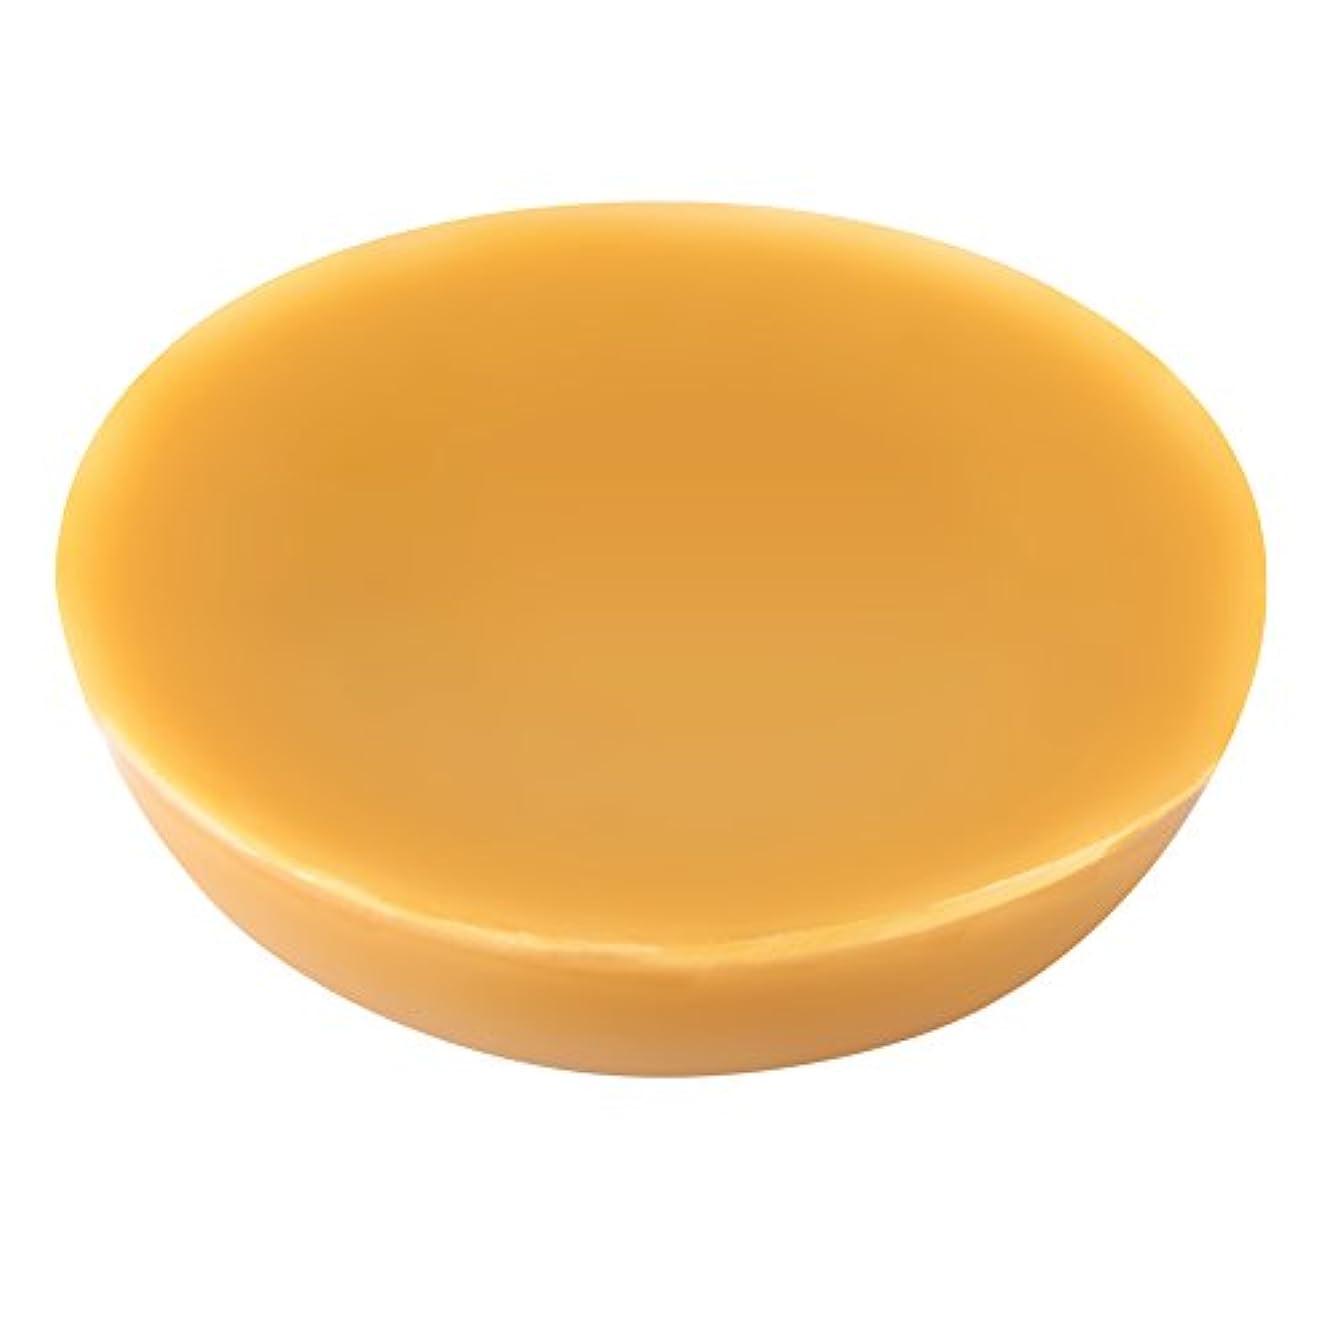 担保に関してバック自然な蜜蝋、石鹸の化粧品の口紅のための食品等級の自然で純粋な蜂のワックス